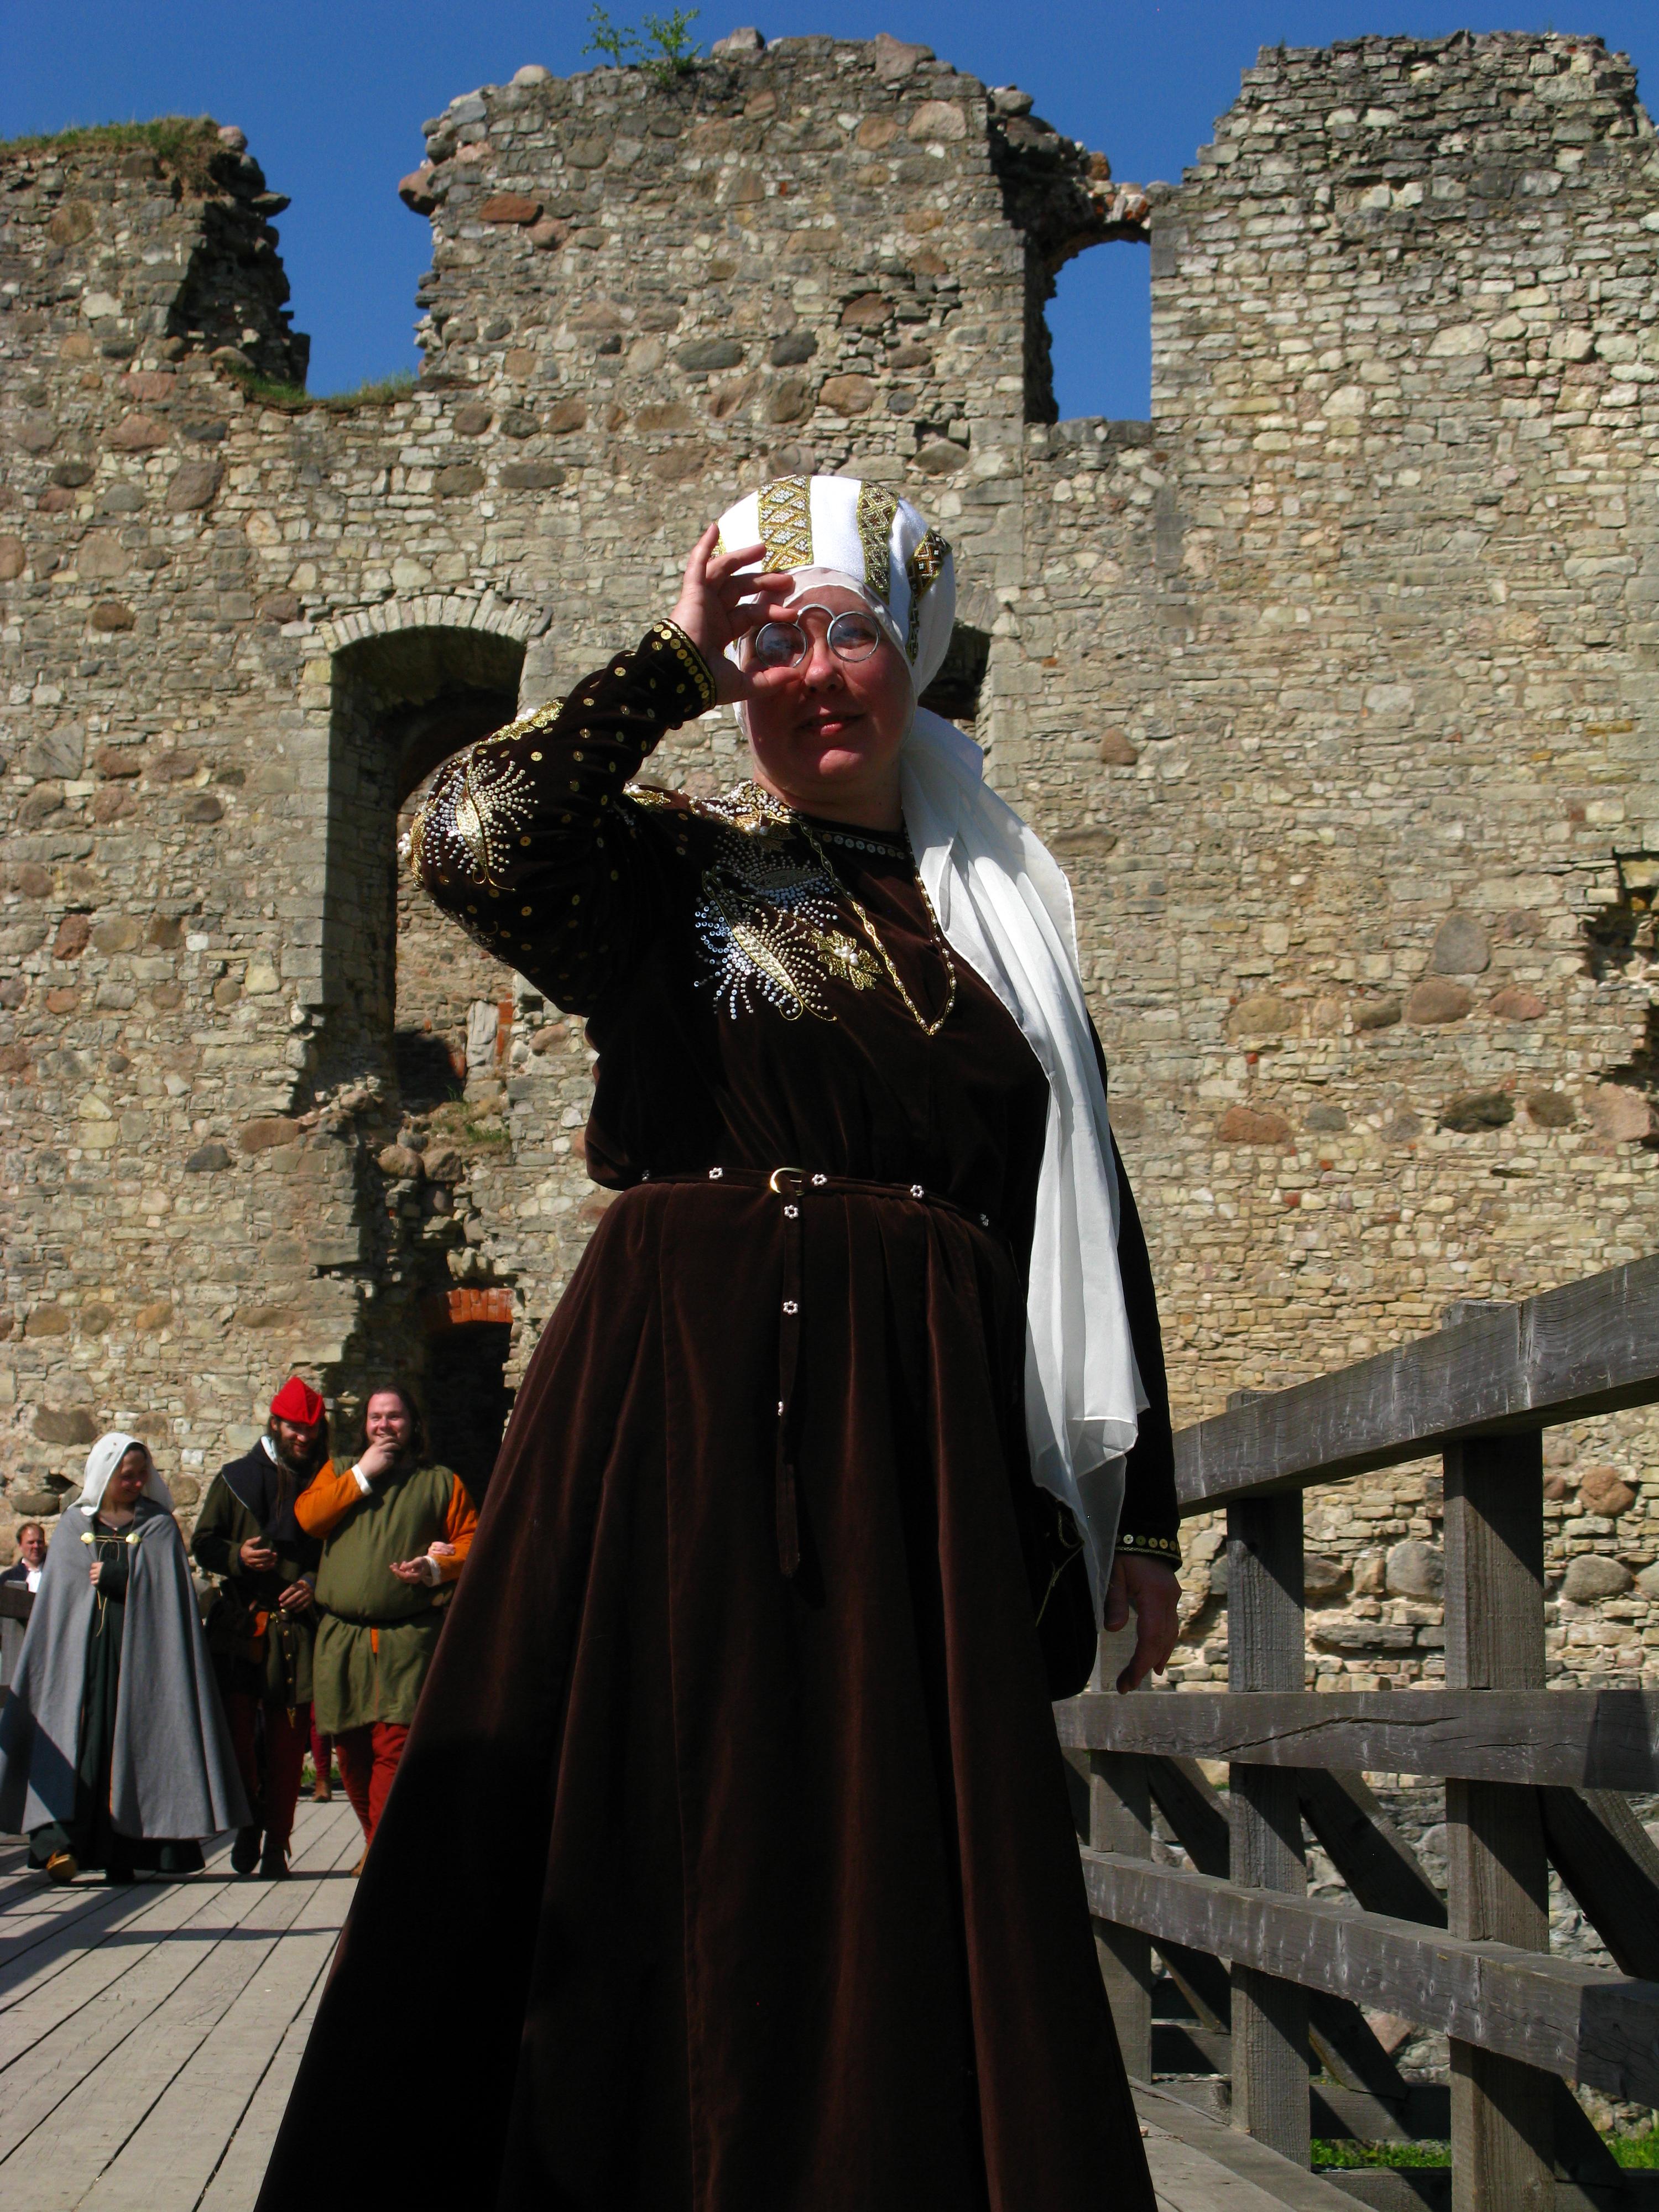 Priekšplānā -  15. gadsimta beigu  Švābijas Hercogienes  tērps  In front  Swabian dutchess  costume  of late 15th century